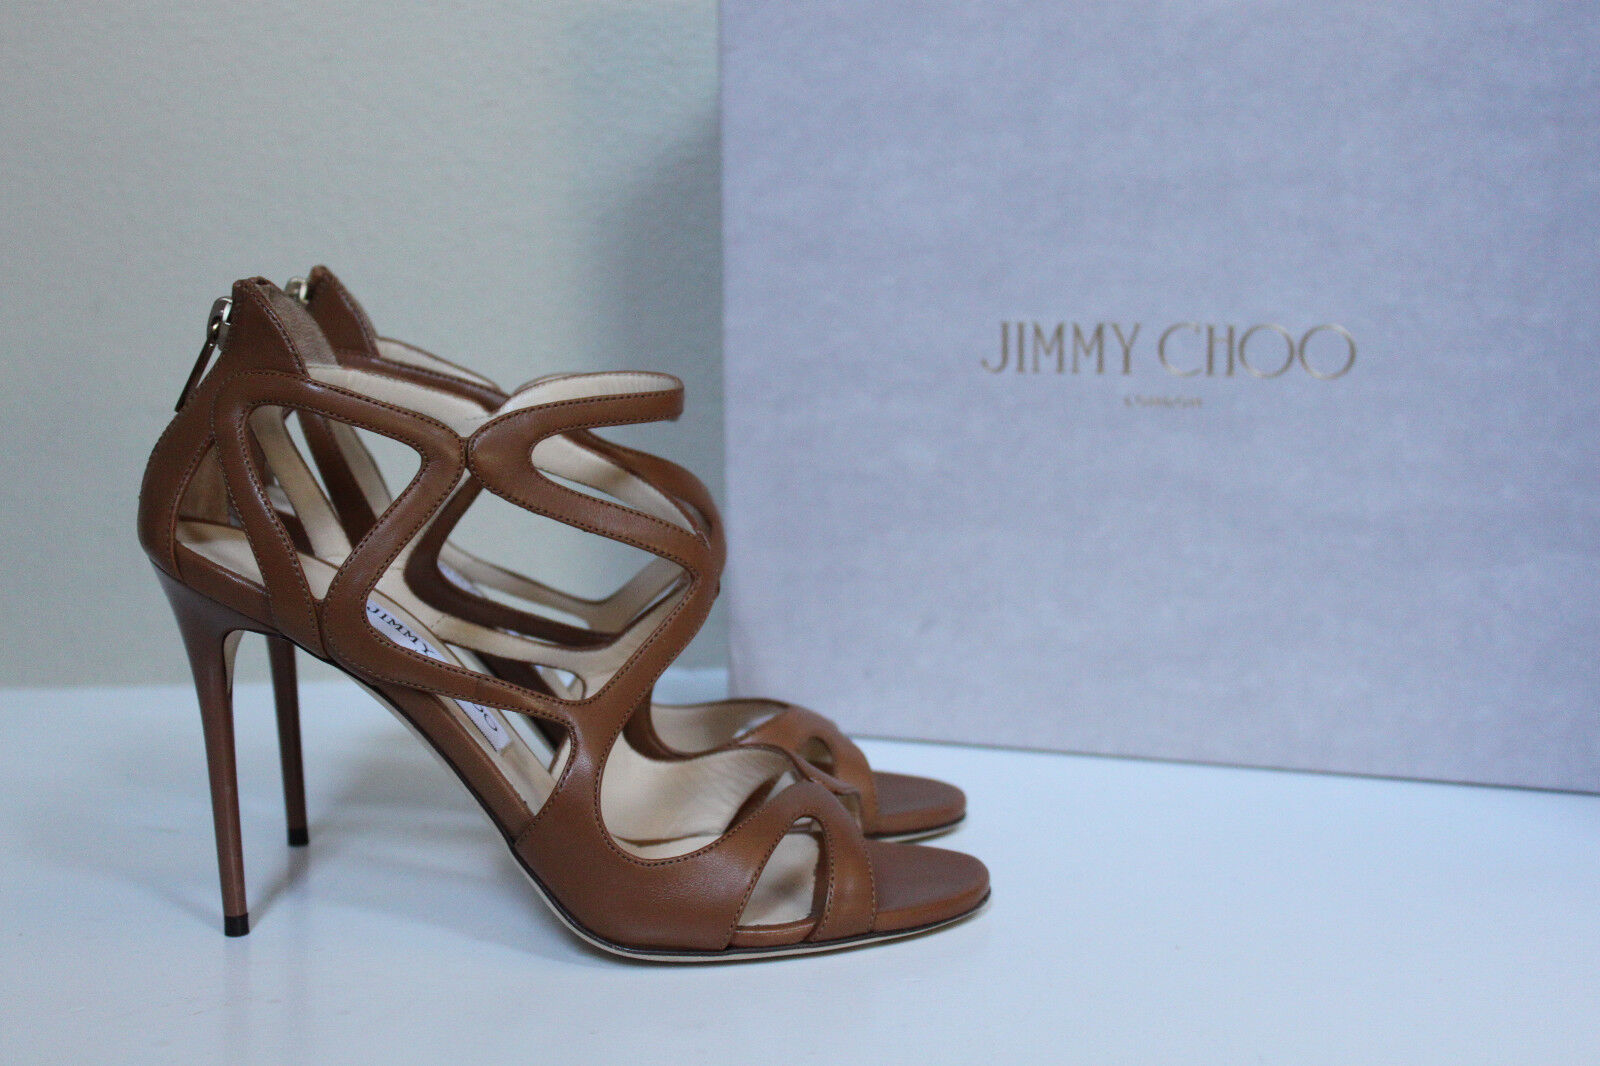 ny sz 9   39 Jimmy Choo Leslie Curvy Caged bspringaaa läder Ankle Sandal skor